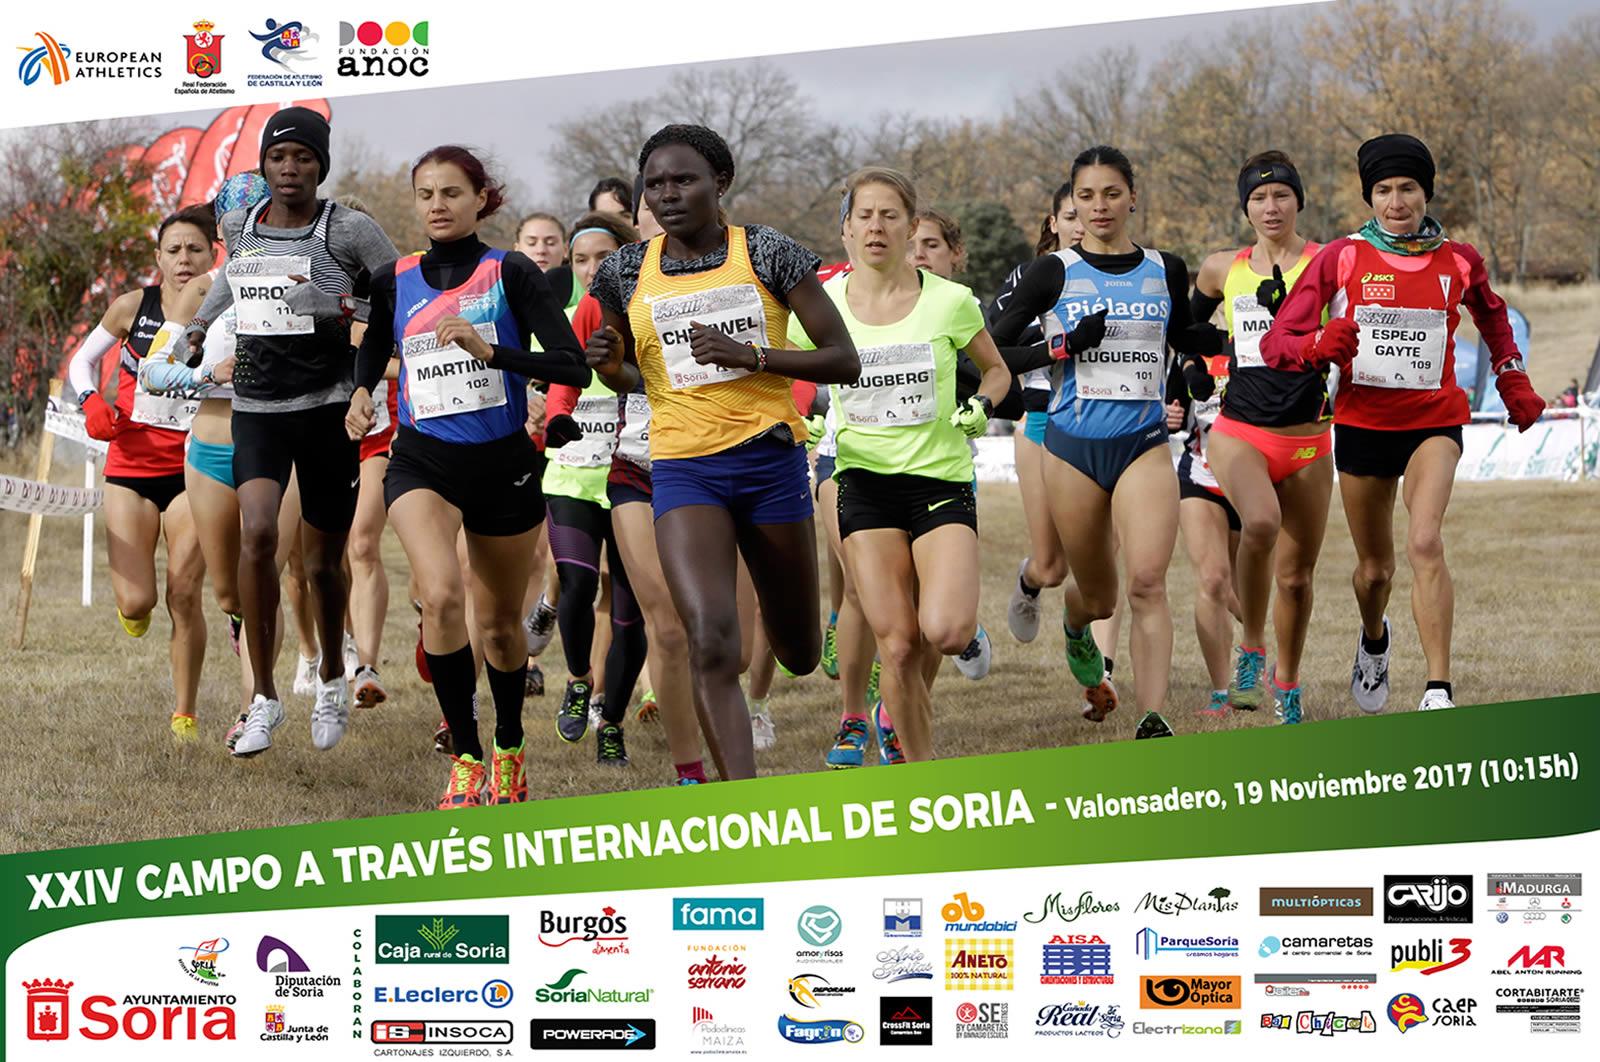 Cartel anunciador del XXIV Campo a través de Soria